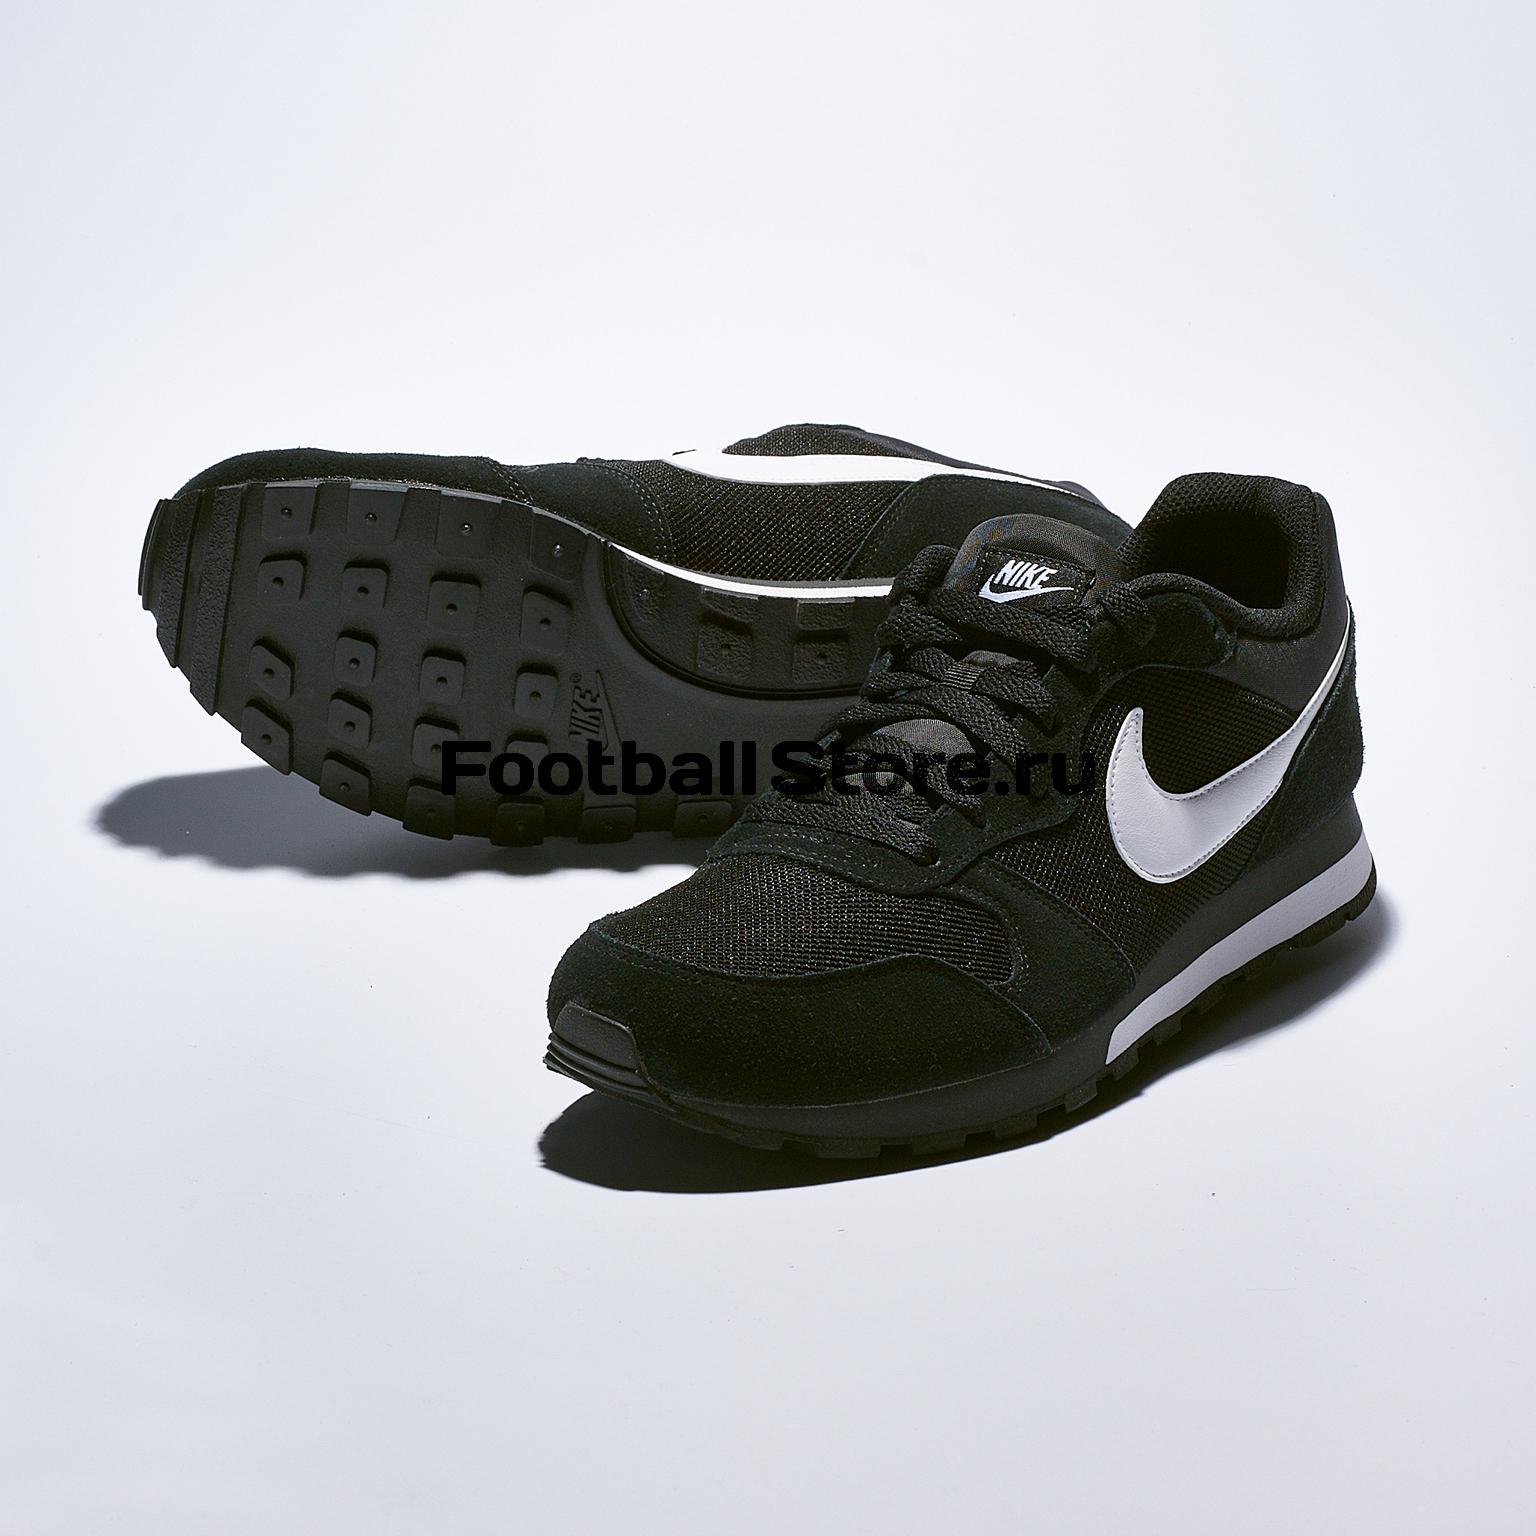 кроссовки Nike купить нижний новгород